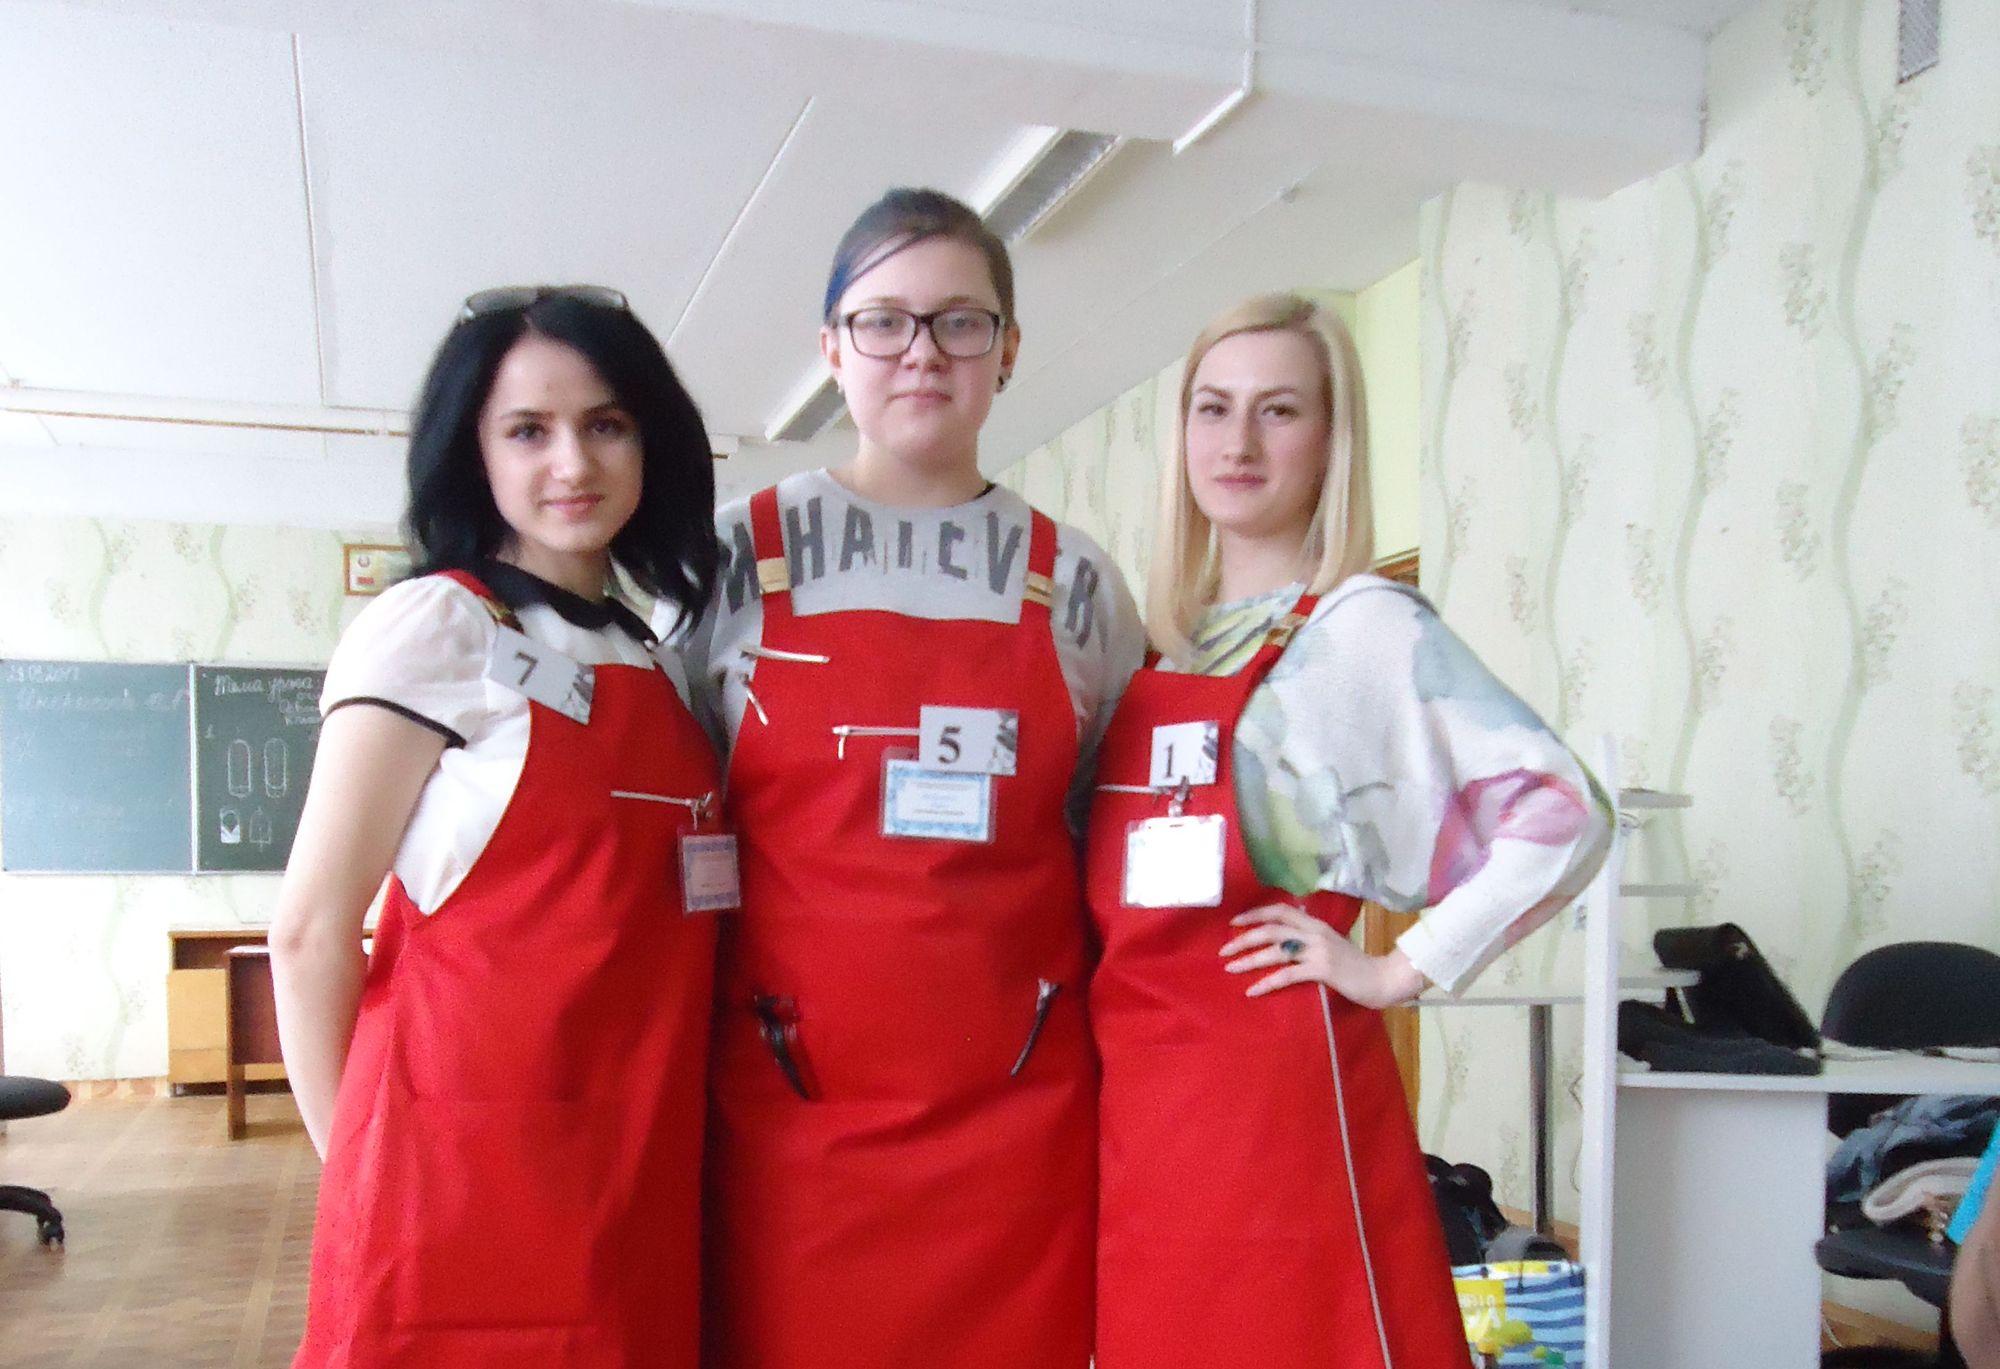 Учащиеся Вероника Давыдик, Дарья Василевич и мастер Лина Толстик (слева направо).